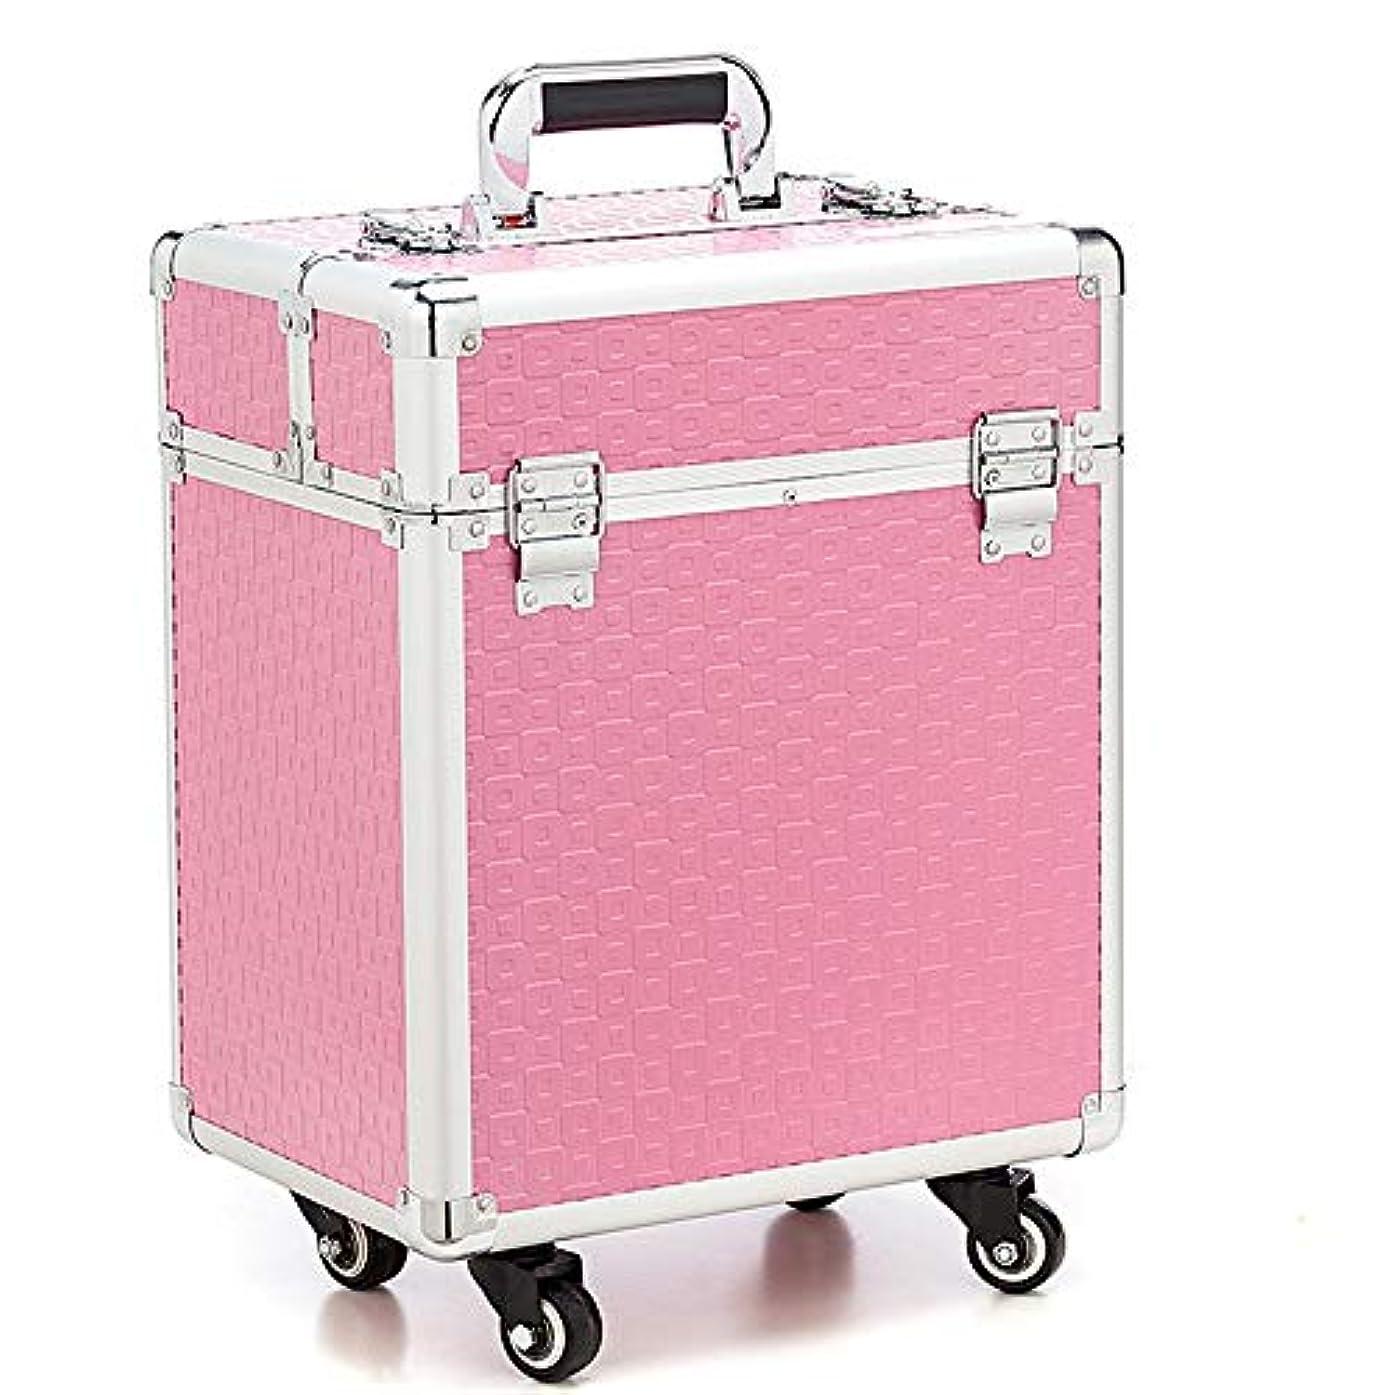 光景歯有名化粧オーガナイザーバッグ 360度ホイール3イン1プロフェッショナルアルミアーティストローリングトロリーメイクトレインケース化粧品オーガナイザー収納ボックス用ティーンガールズ女性アーティスト 化粧品ケース (色 : ピンク)